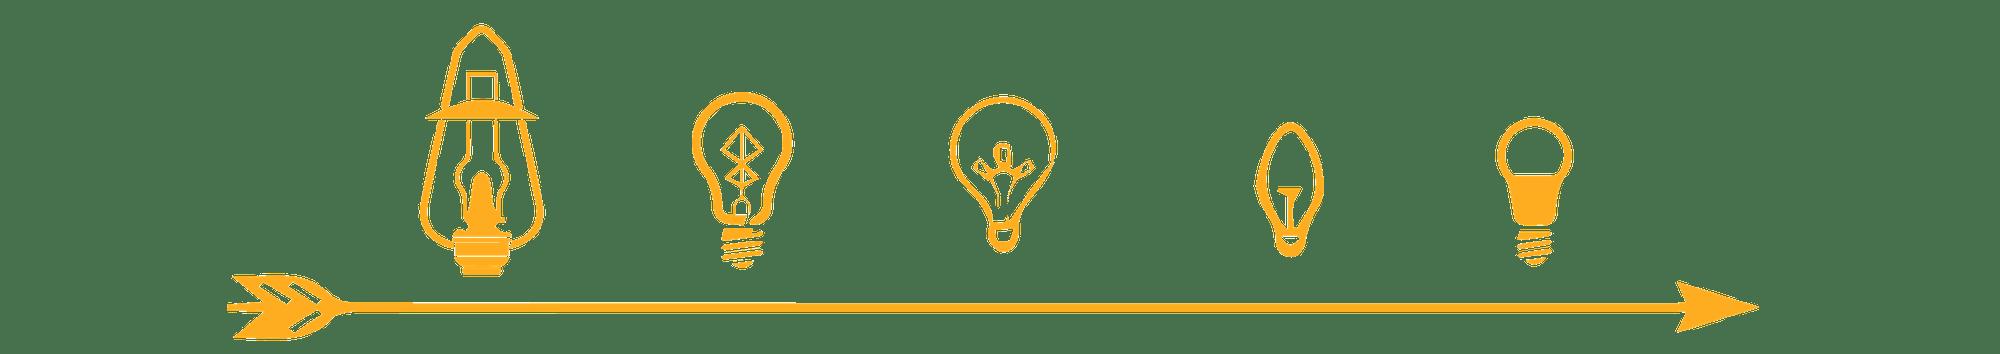 Lights illustration